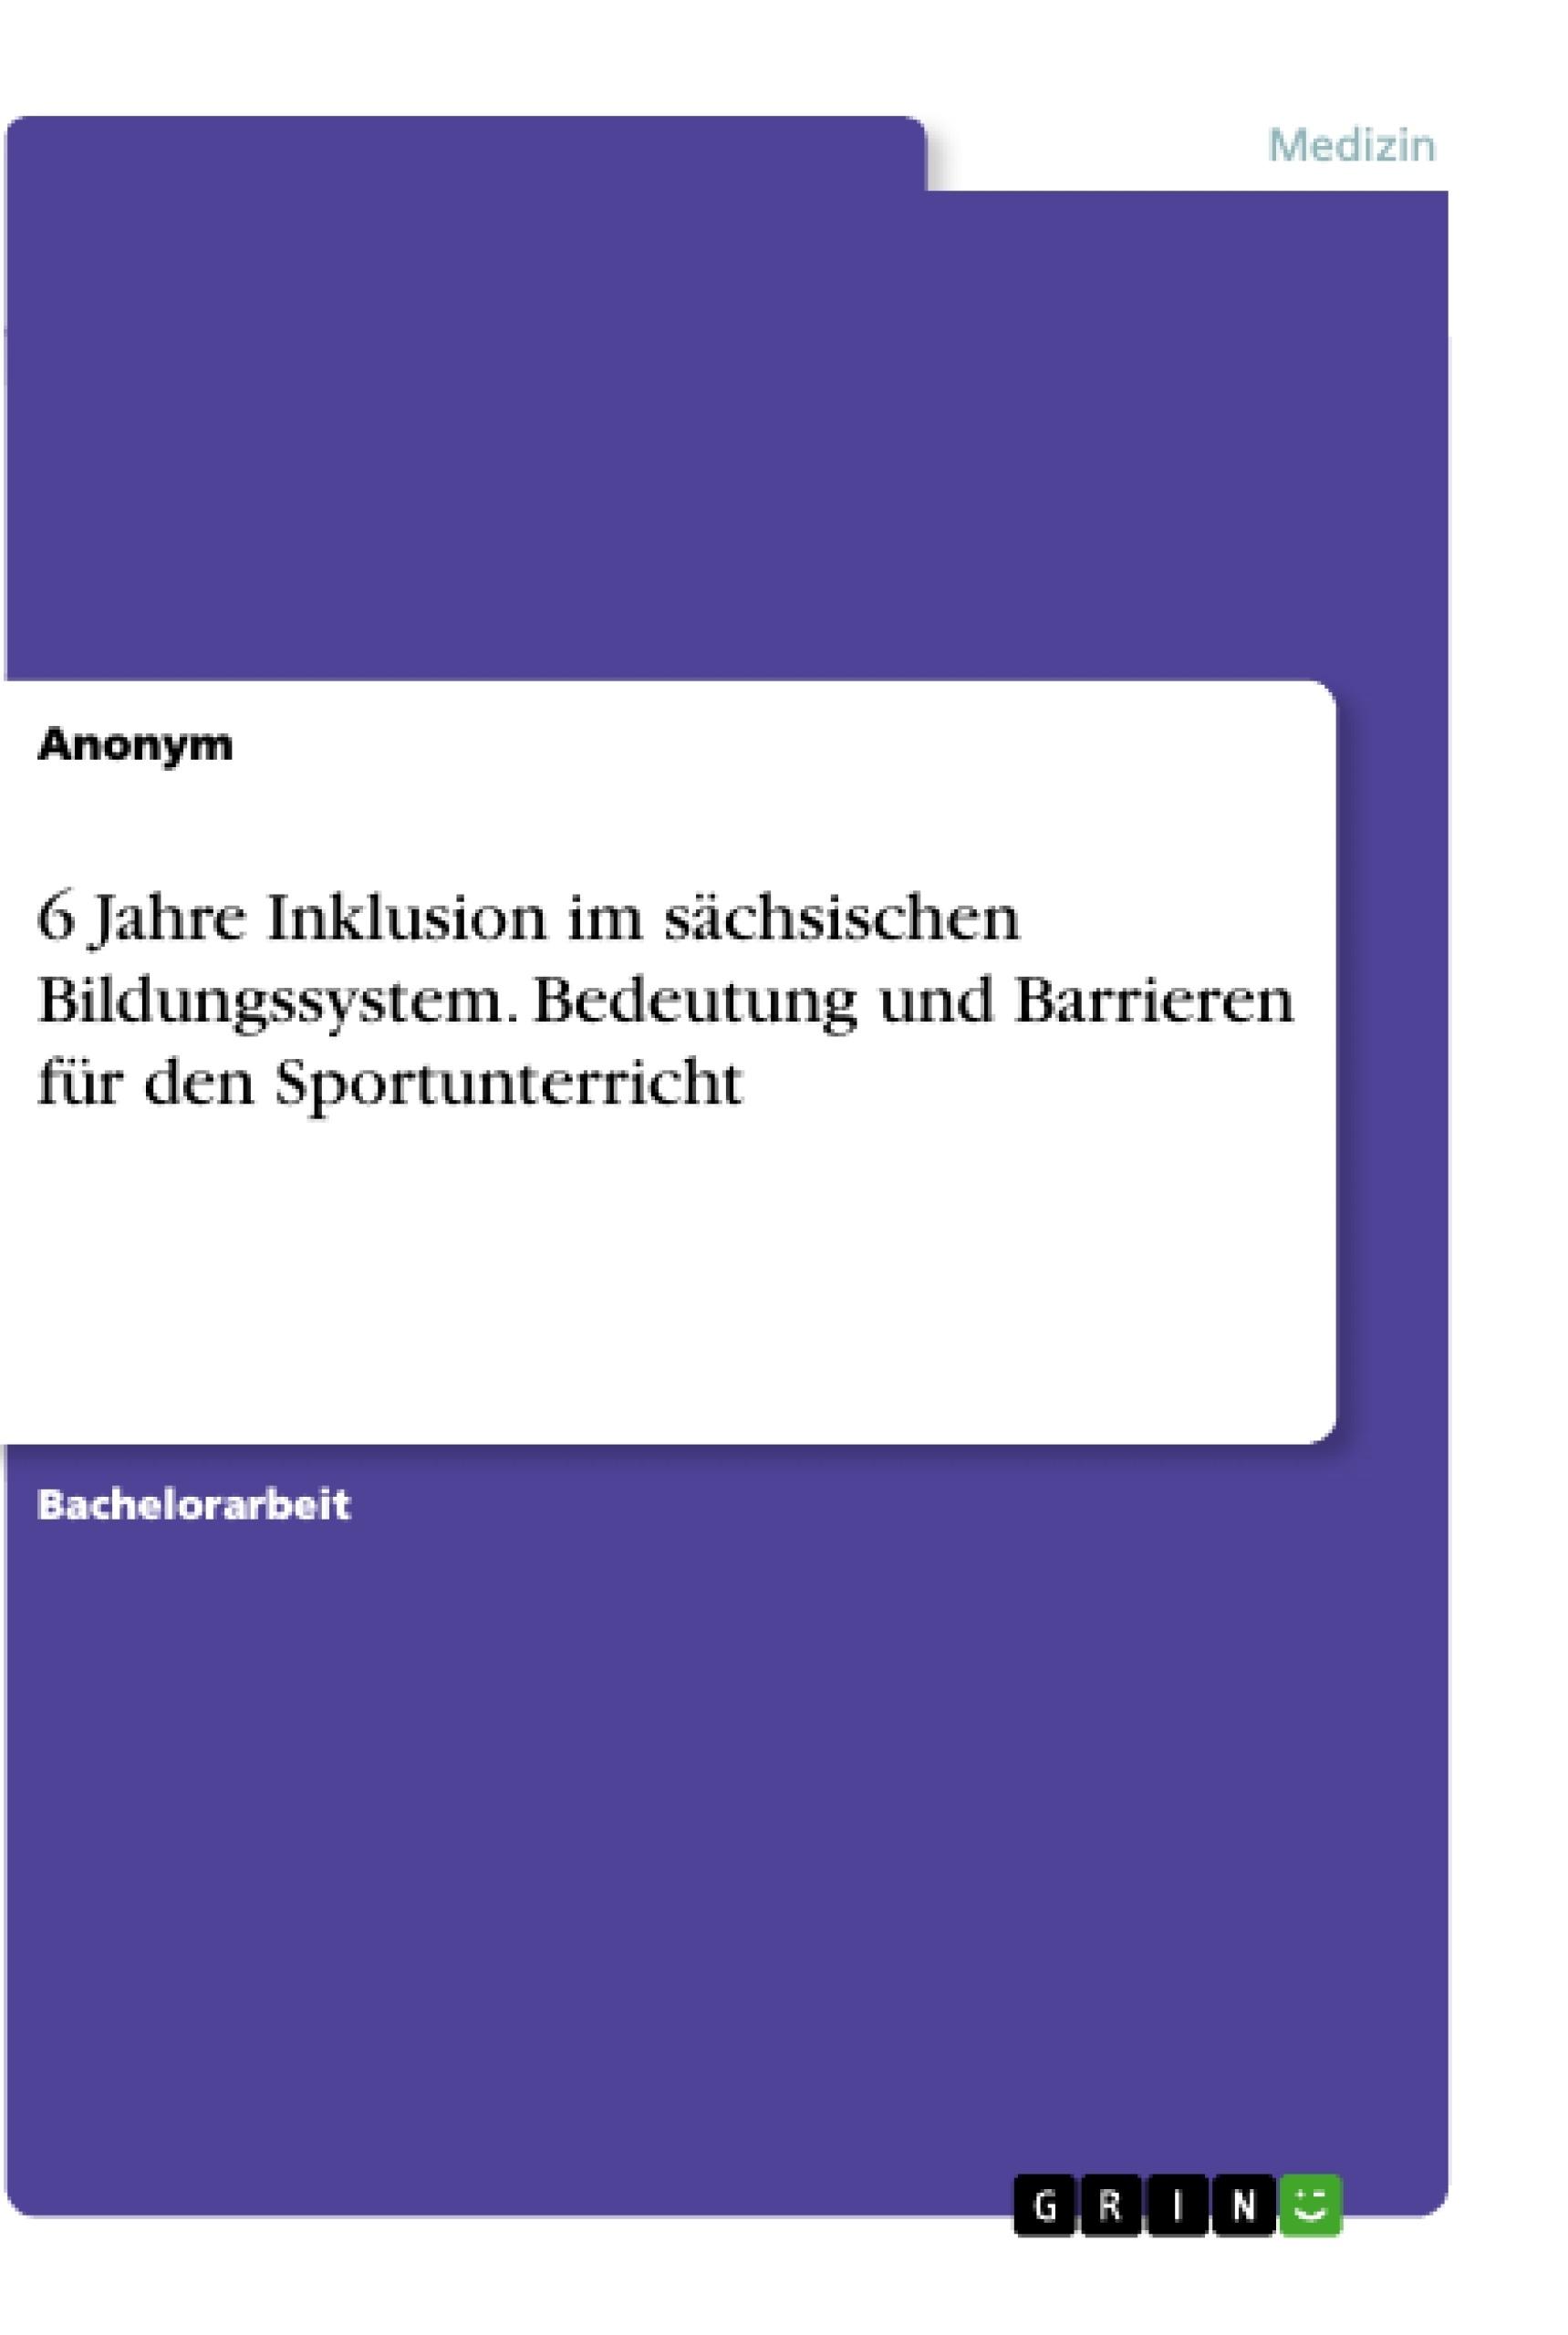 Titel: 6 Jahre Inklusion im sächsischen Bildungssystem. Bedeutung und Barrieren für den Sportunterricht